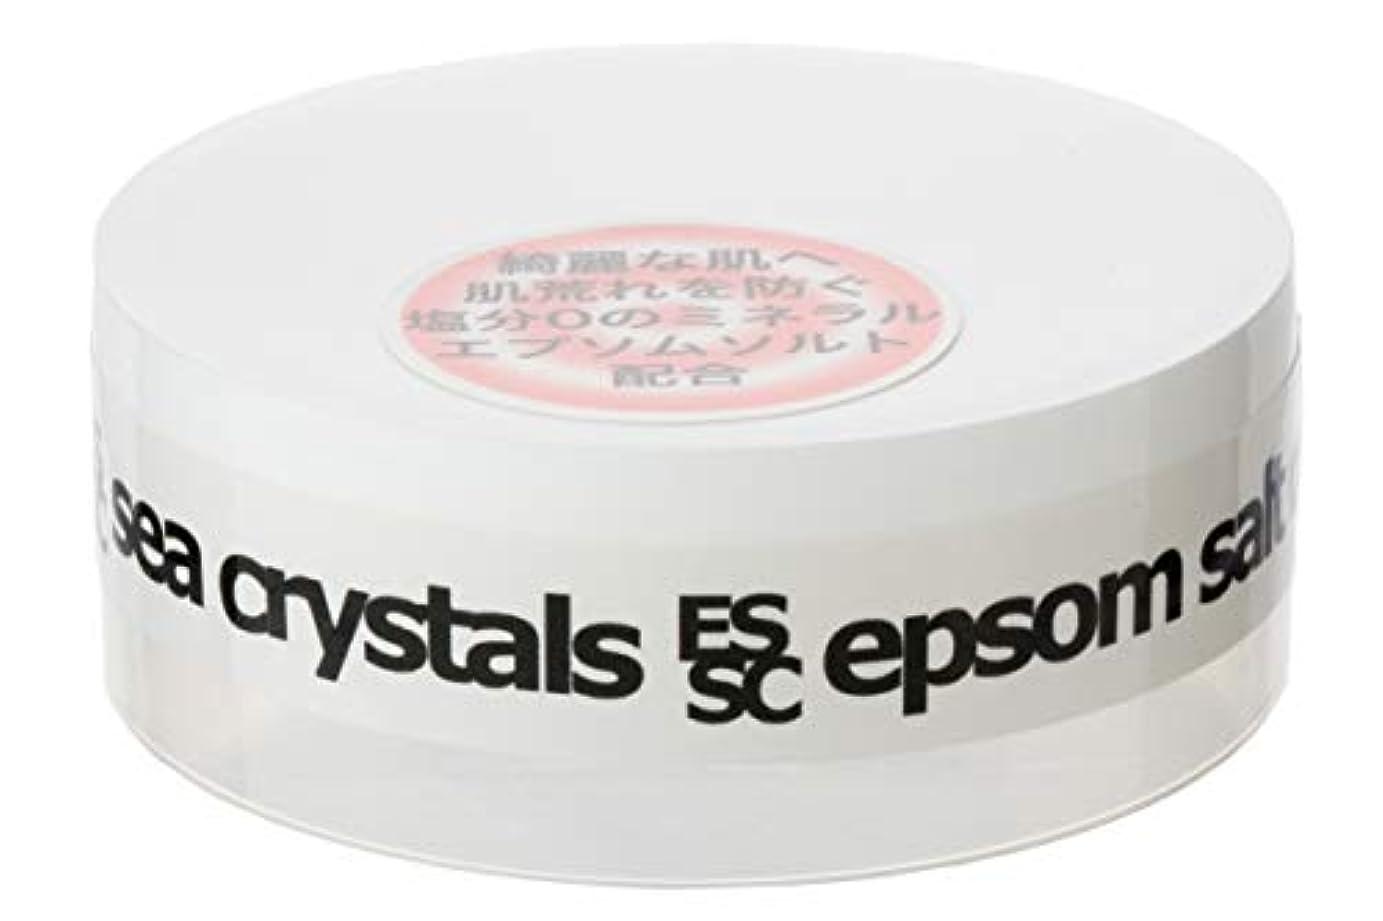 拒絶する黒リンケージSea Crystals(シークリスタルス) シークリスタルエプソムソルトクリーム エプソムソルトが保湿クリームになりました。30g ボディクリーム